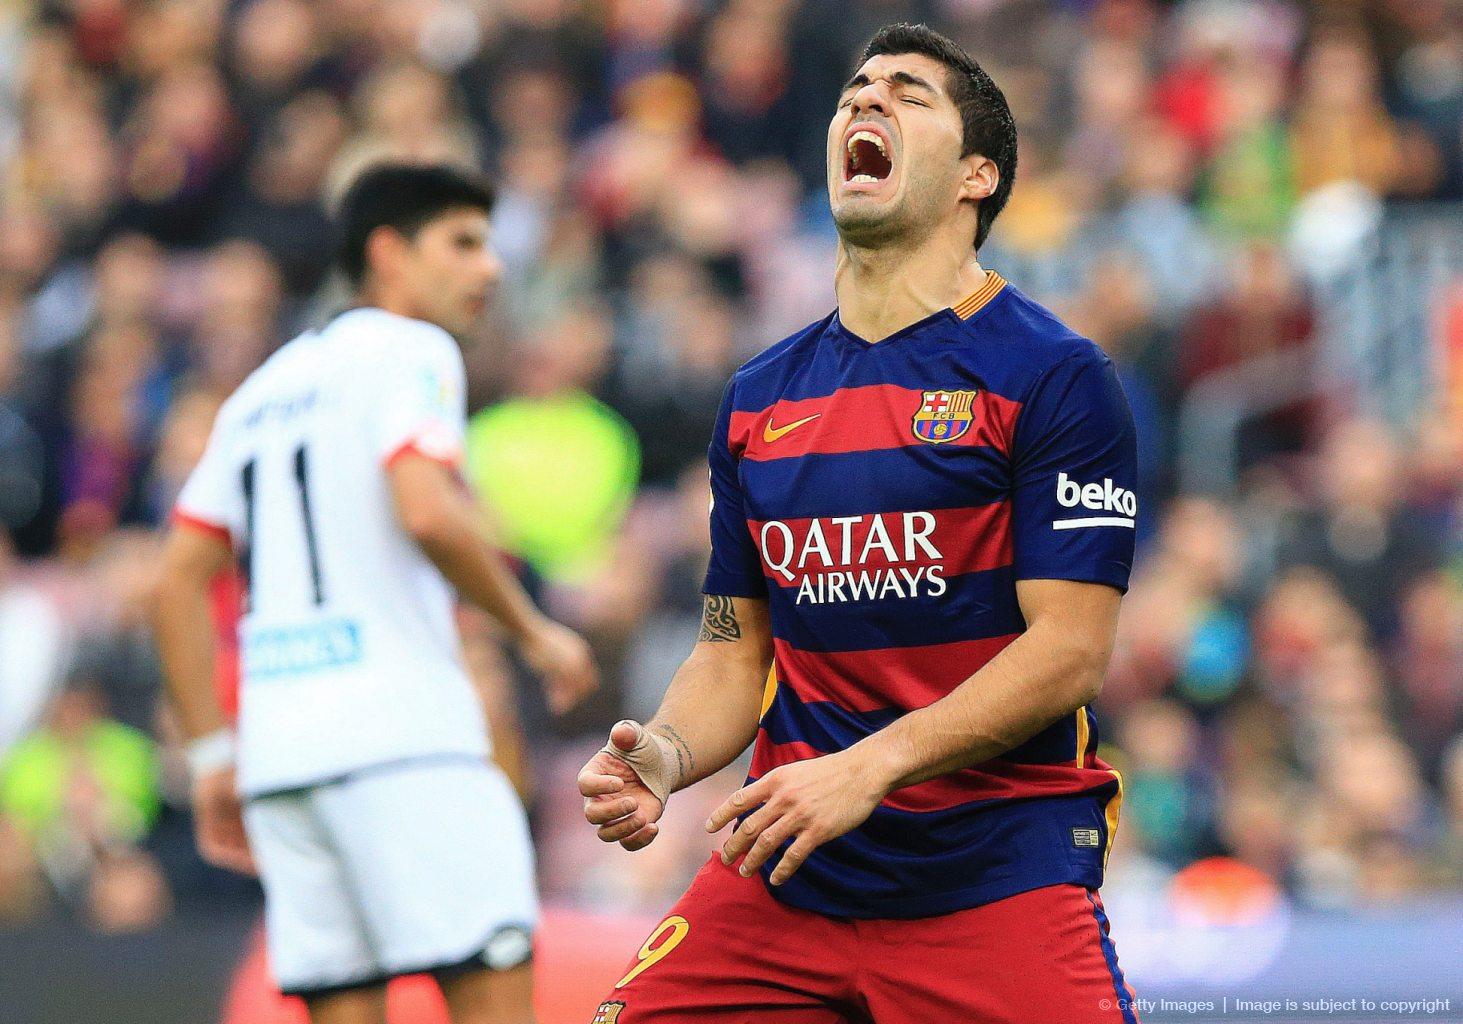 خلاصه بازی بارسلونا 2-2 دپورتیوو لاکرونیا